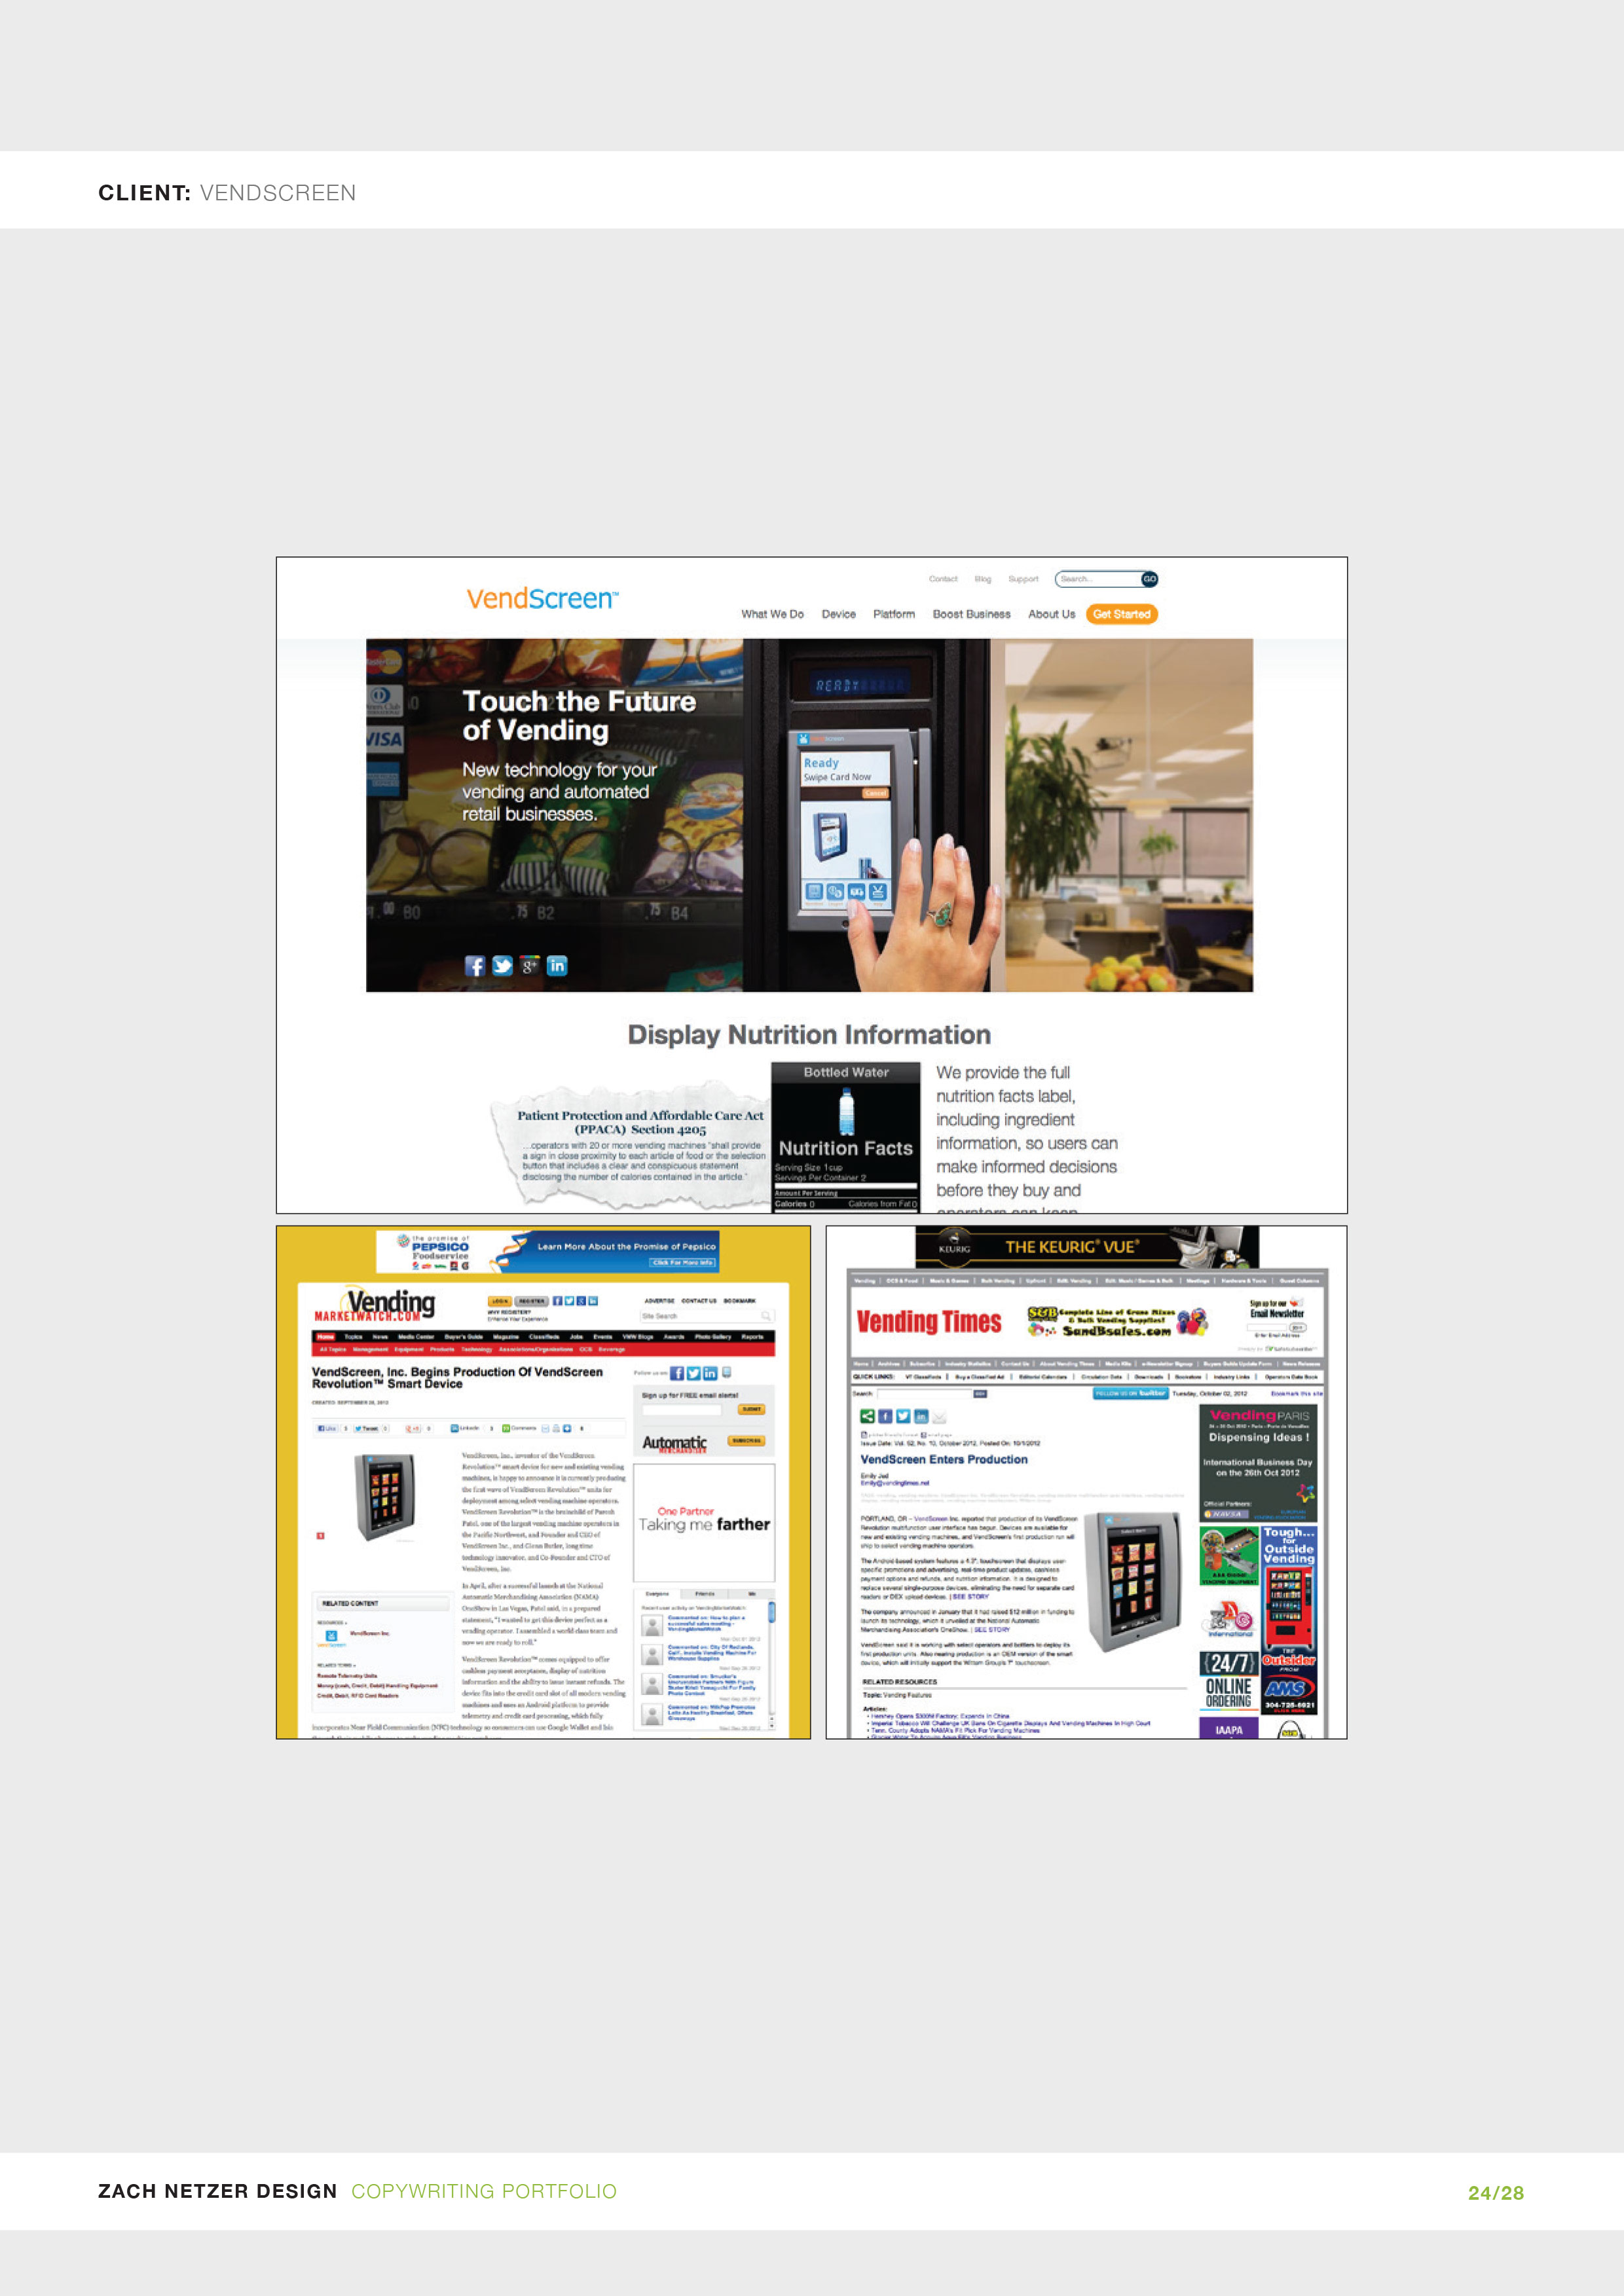 Zach-Netzer-Design---Copywriting-Portfolio-24.jpg